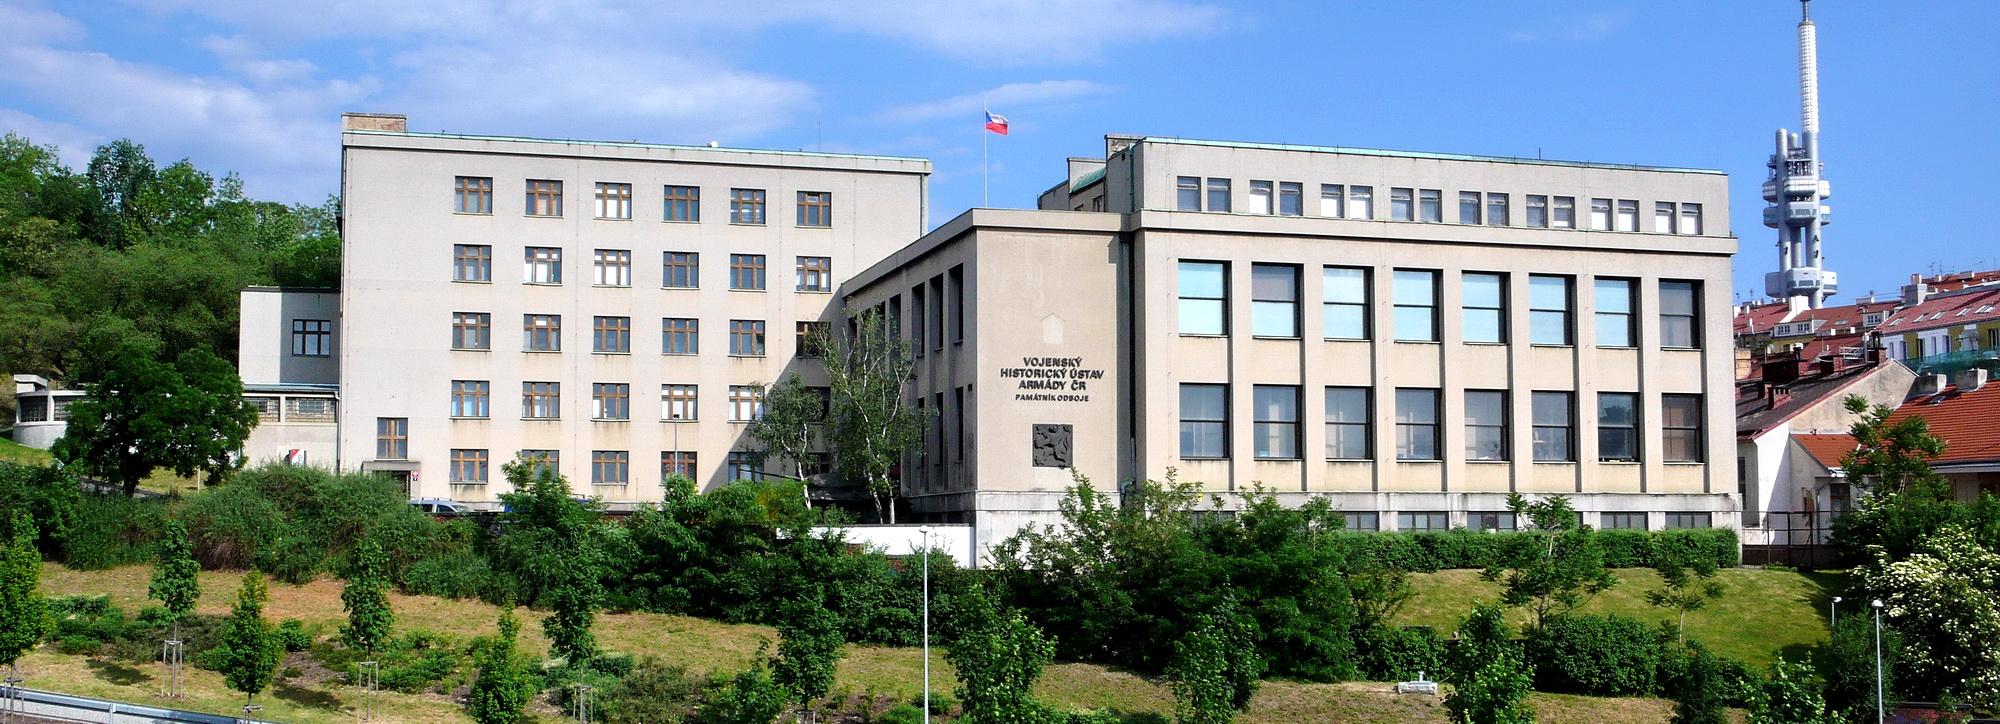 Armádní muzeum Žižkov po dobu rekonstrukce dlouhodobě UZAVŘENO